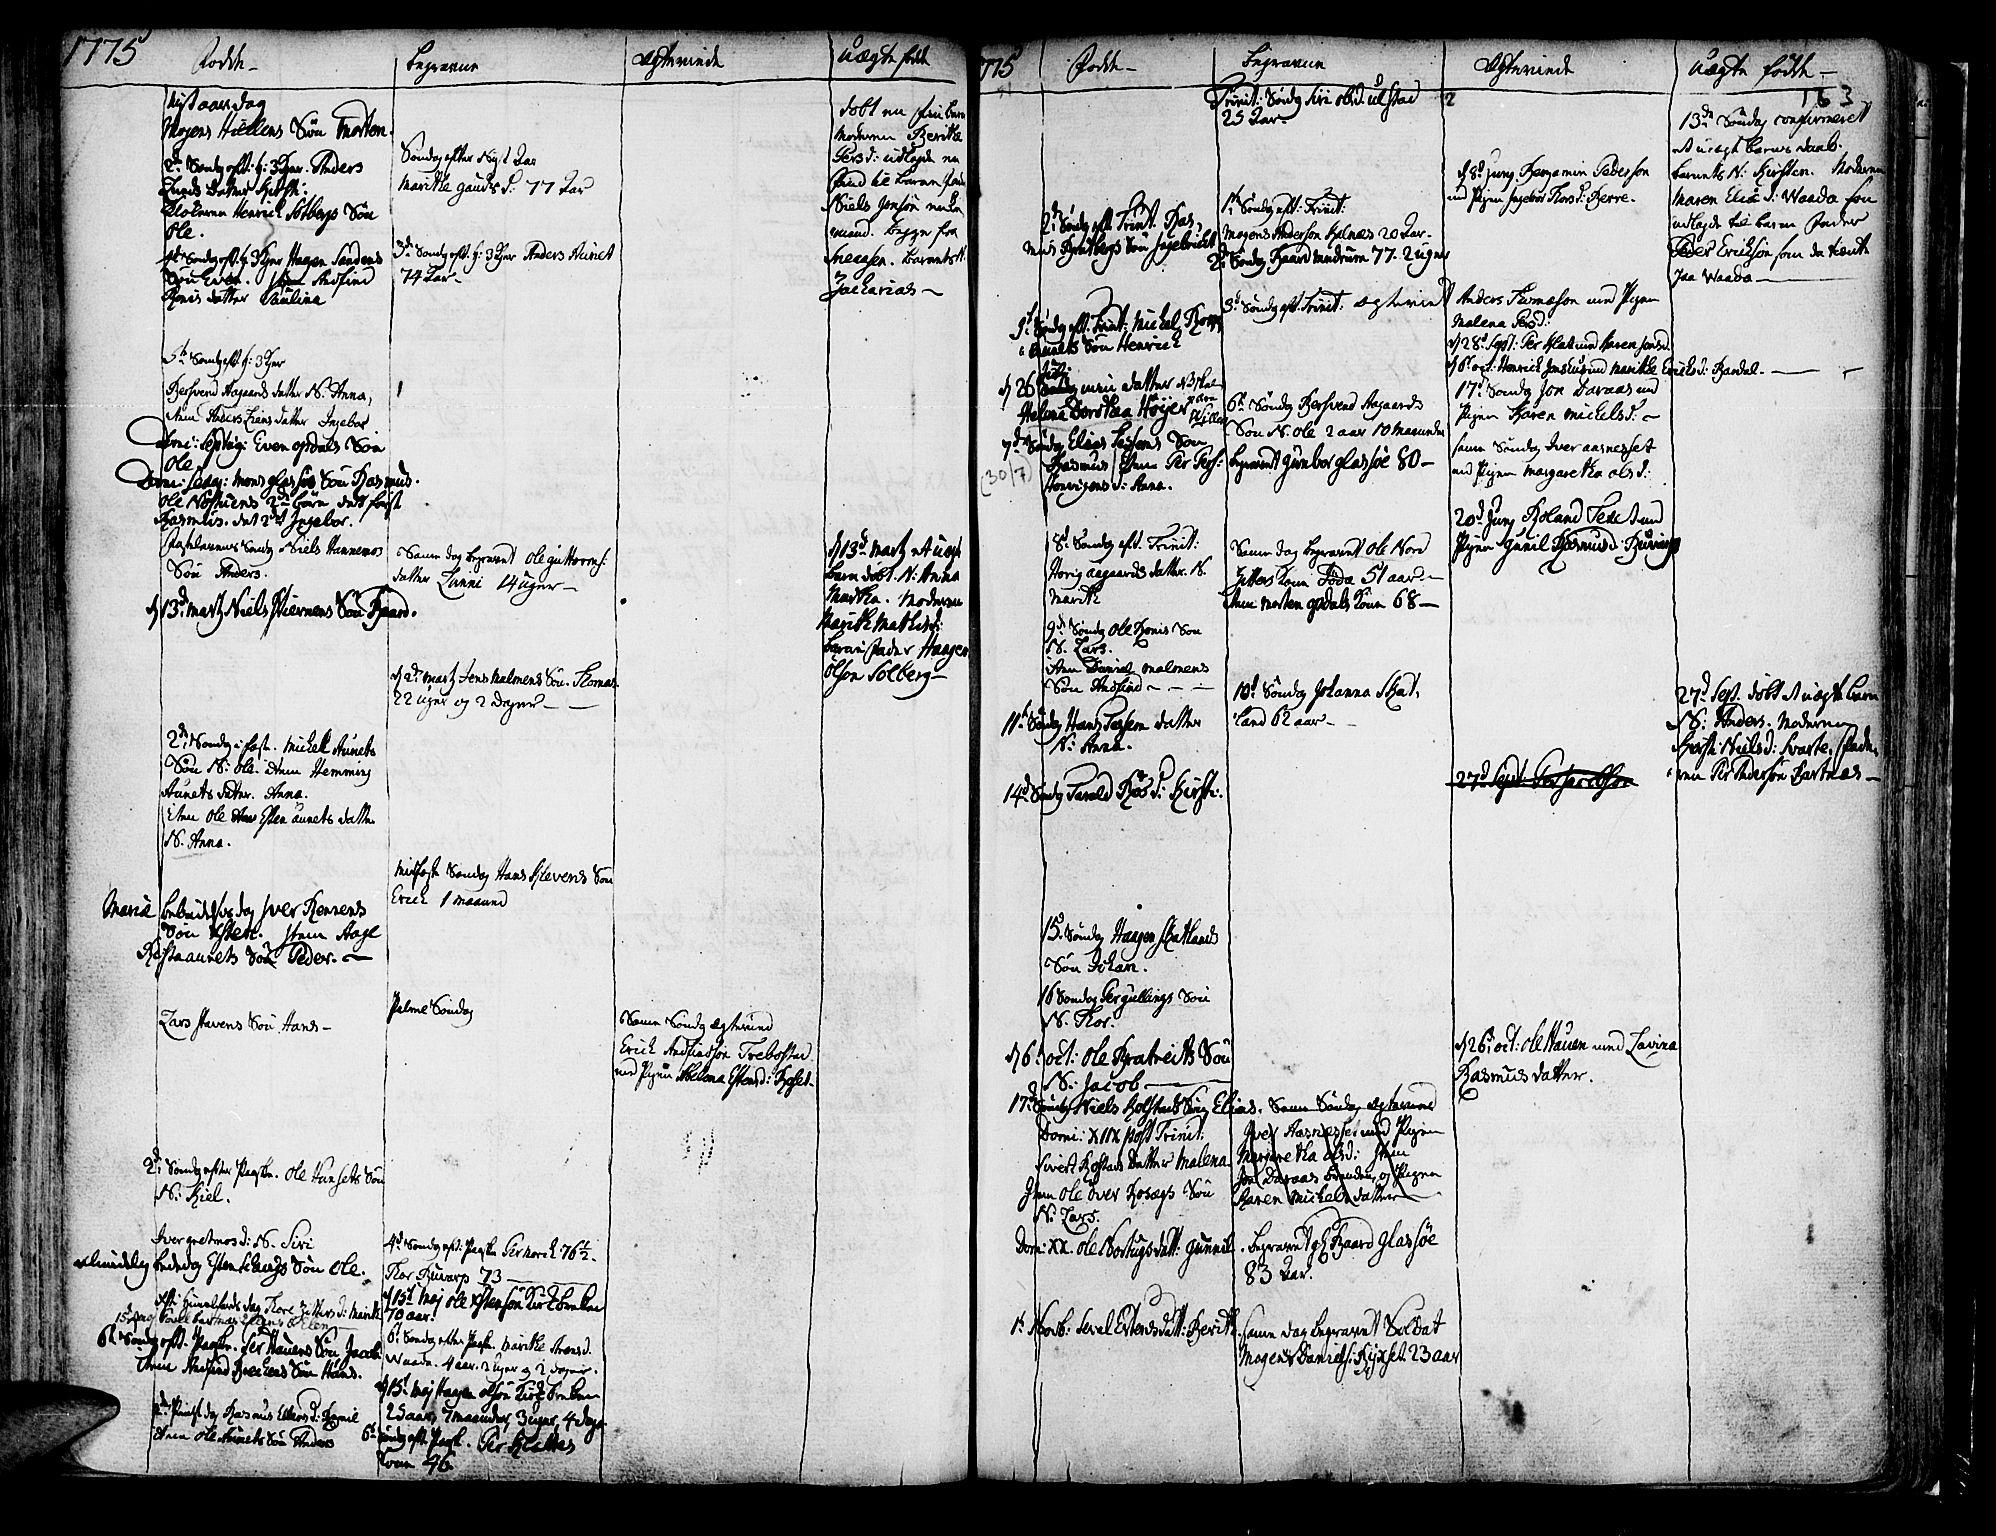 SAT, Ministerialprotokoller, klokkerbøker og fødselsregistre - Nord-Trøndelag, 741/L0385: Ministerialbok nr. 741A01, 1722-1815, s. 163